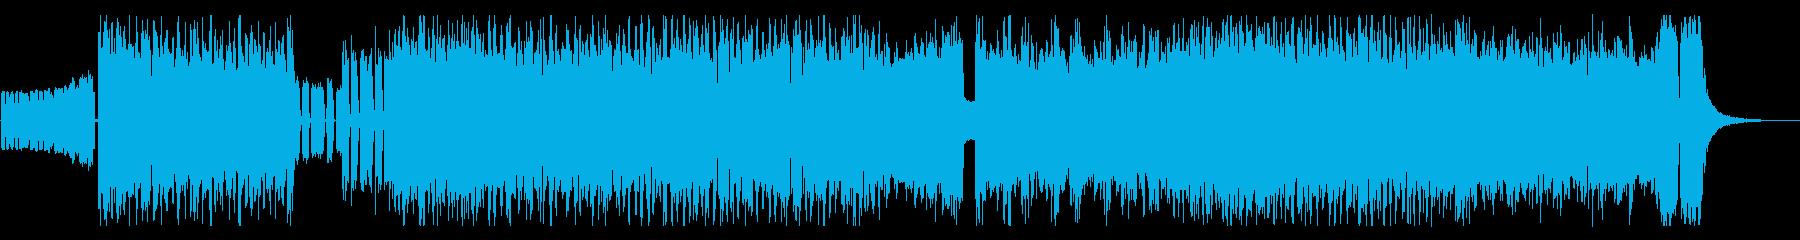 ワイルドでハードなロックジングルの再生済みの波形